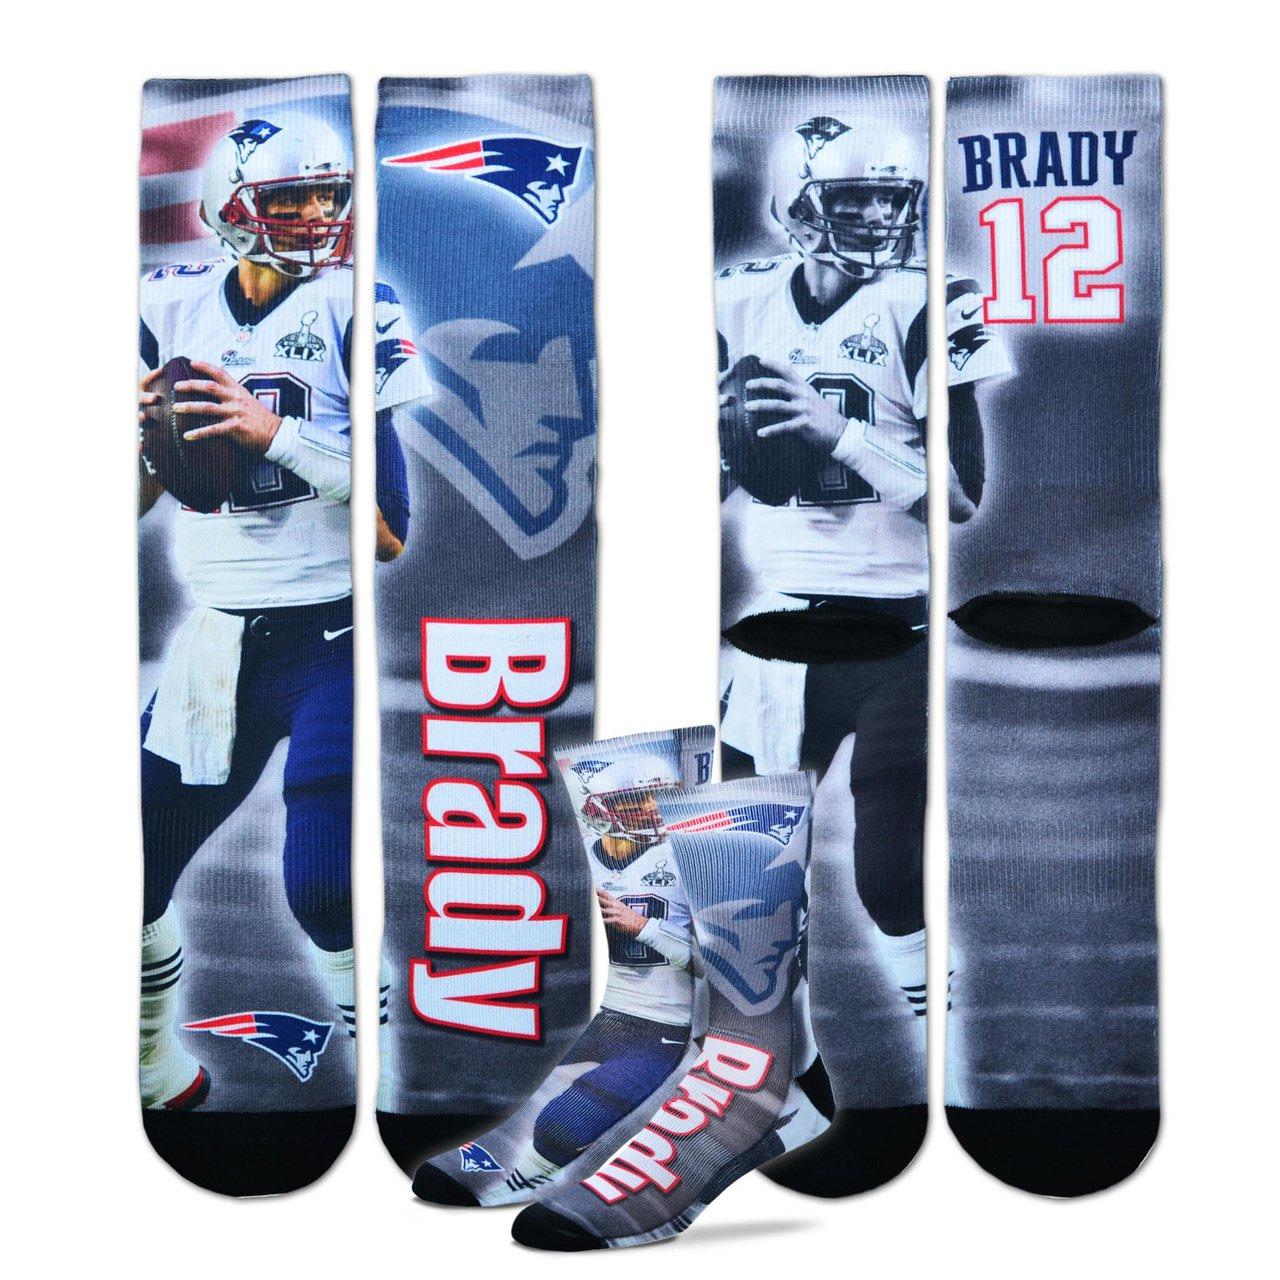 特別セーフ Tom Brady New England Patriots For Bare B011W89V8K Feet New Tom NFLドライブPlayerプロファイルソックス Medium B011W89V8K, 暮らしと健康くらぶ:ff36e1a9 --- movellplanejado.com.br